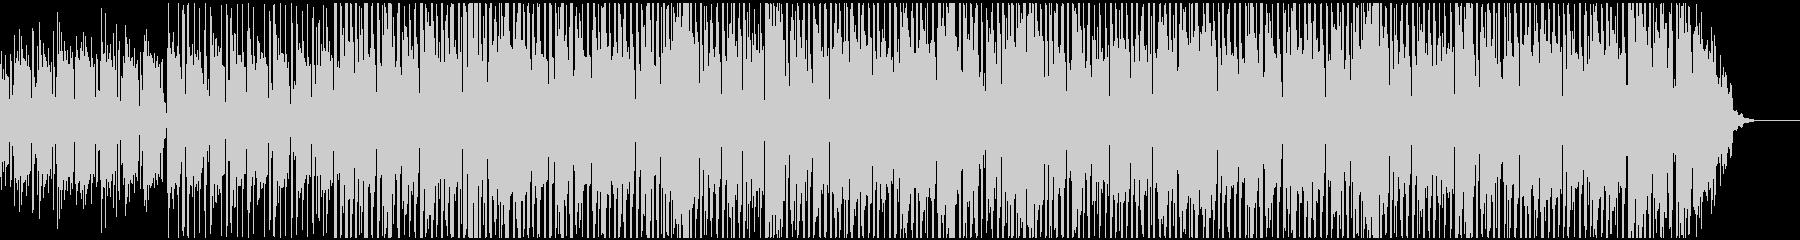 ベースが特徴的なジャズファンク系BGMの未再生の波形